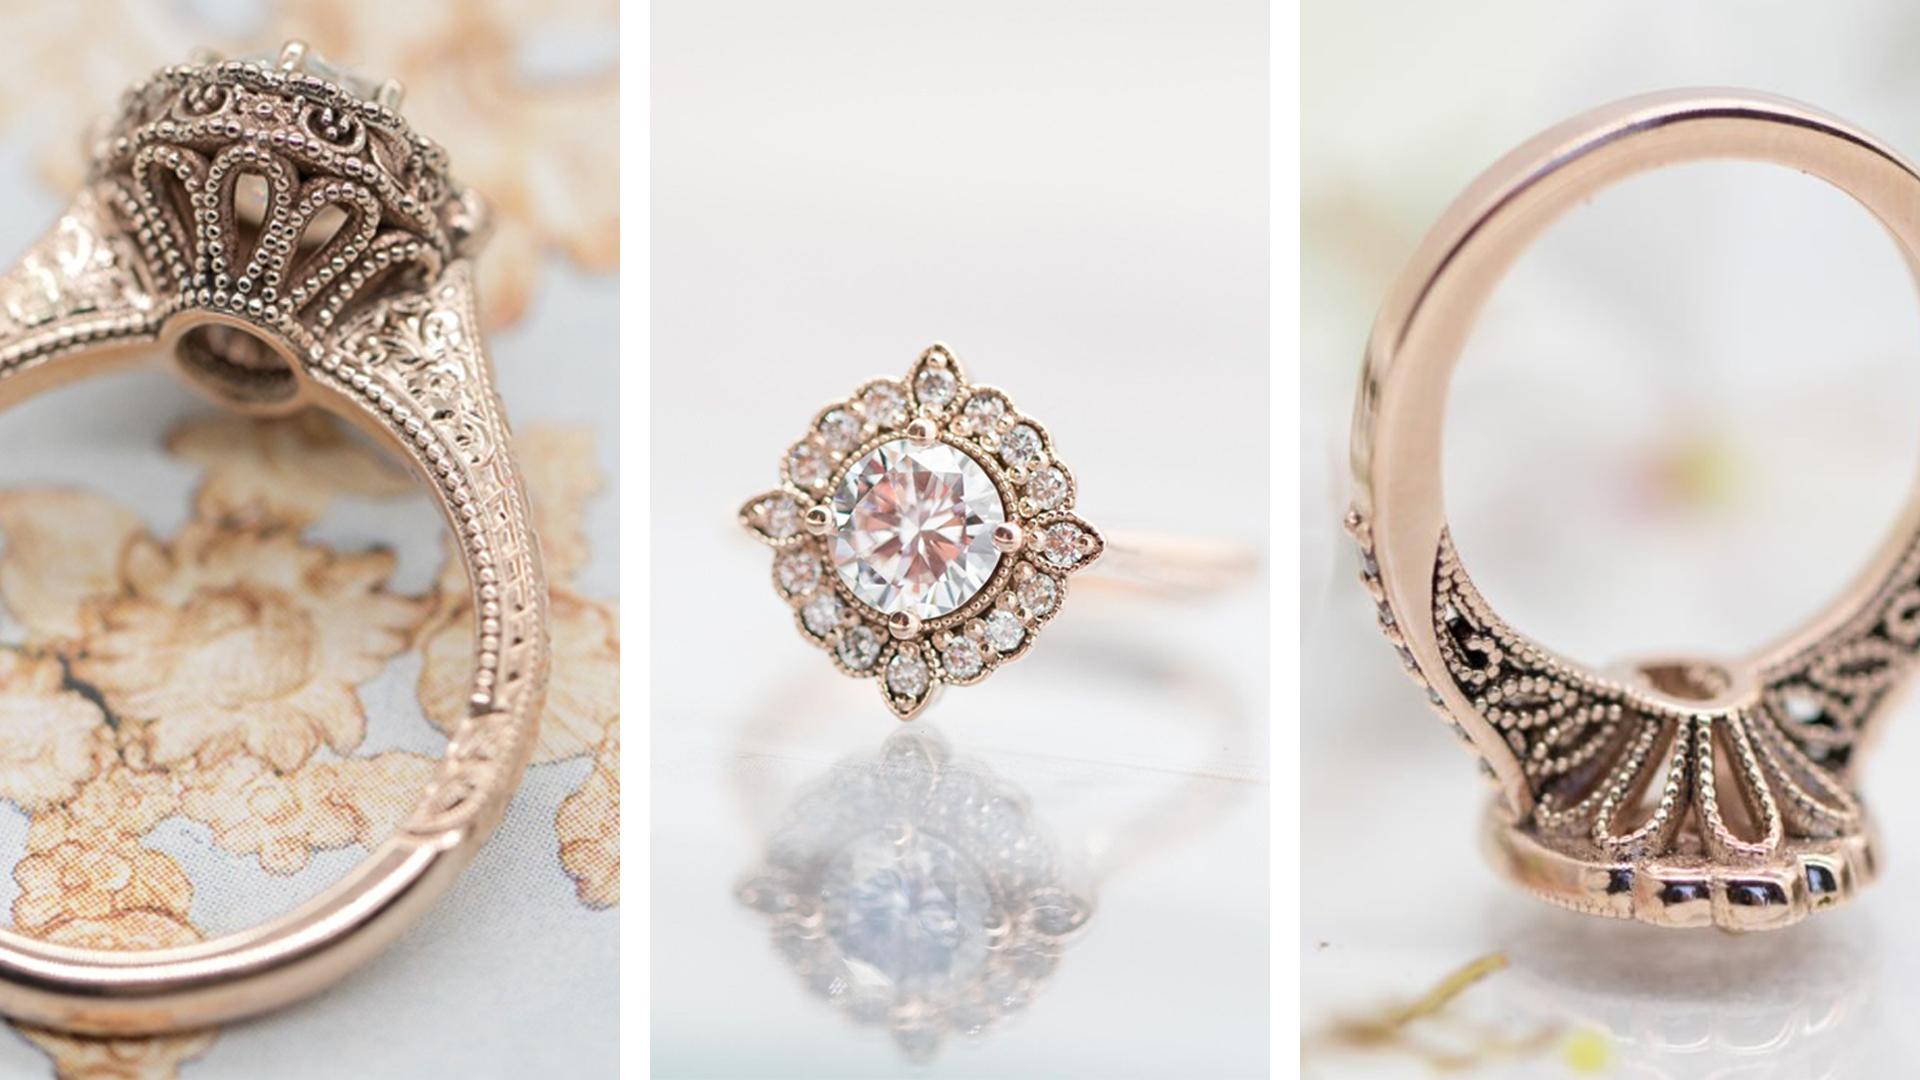 art nouveau style engagement rings